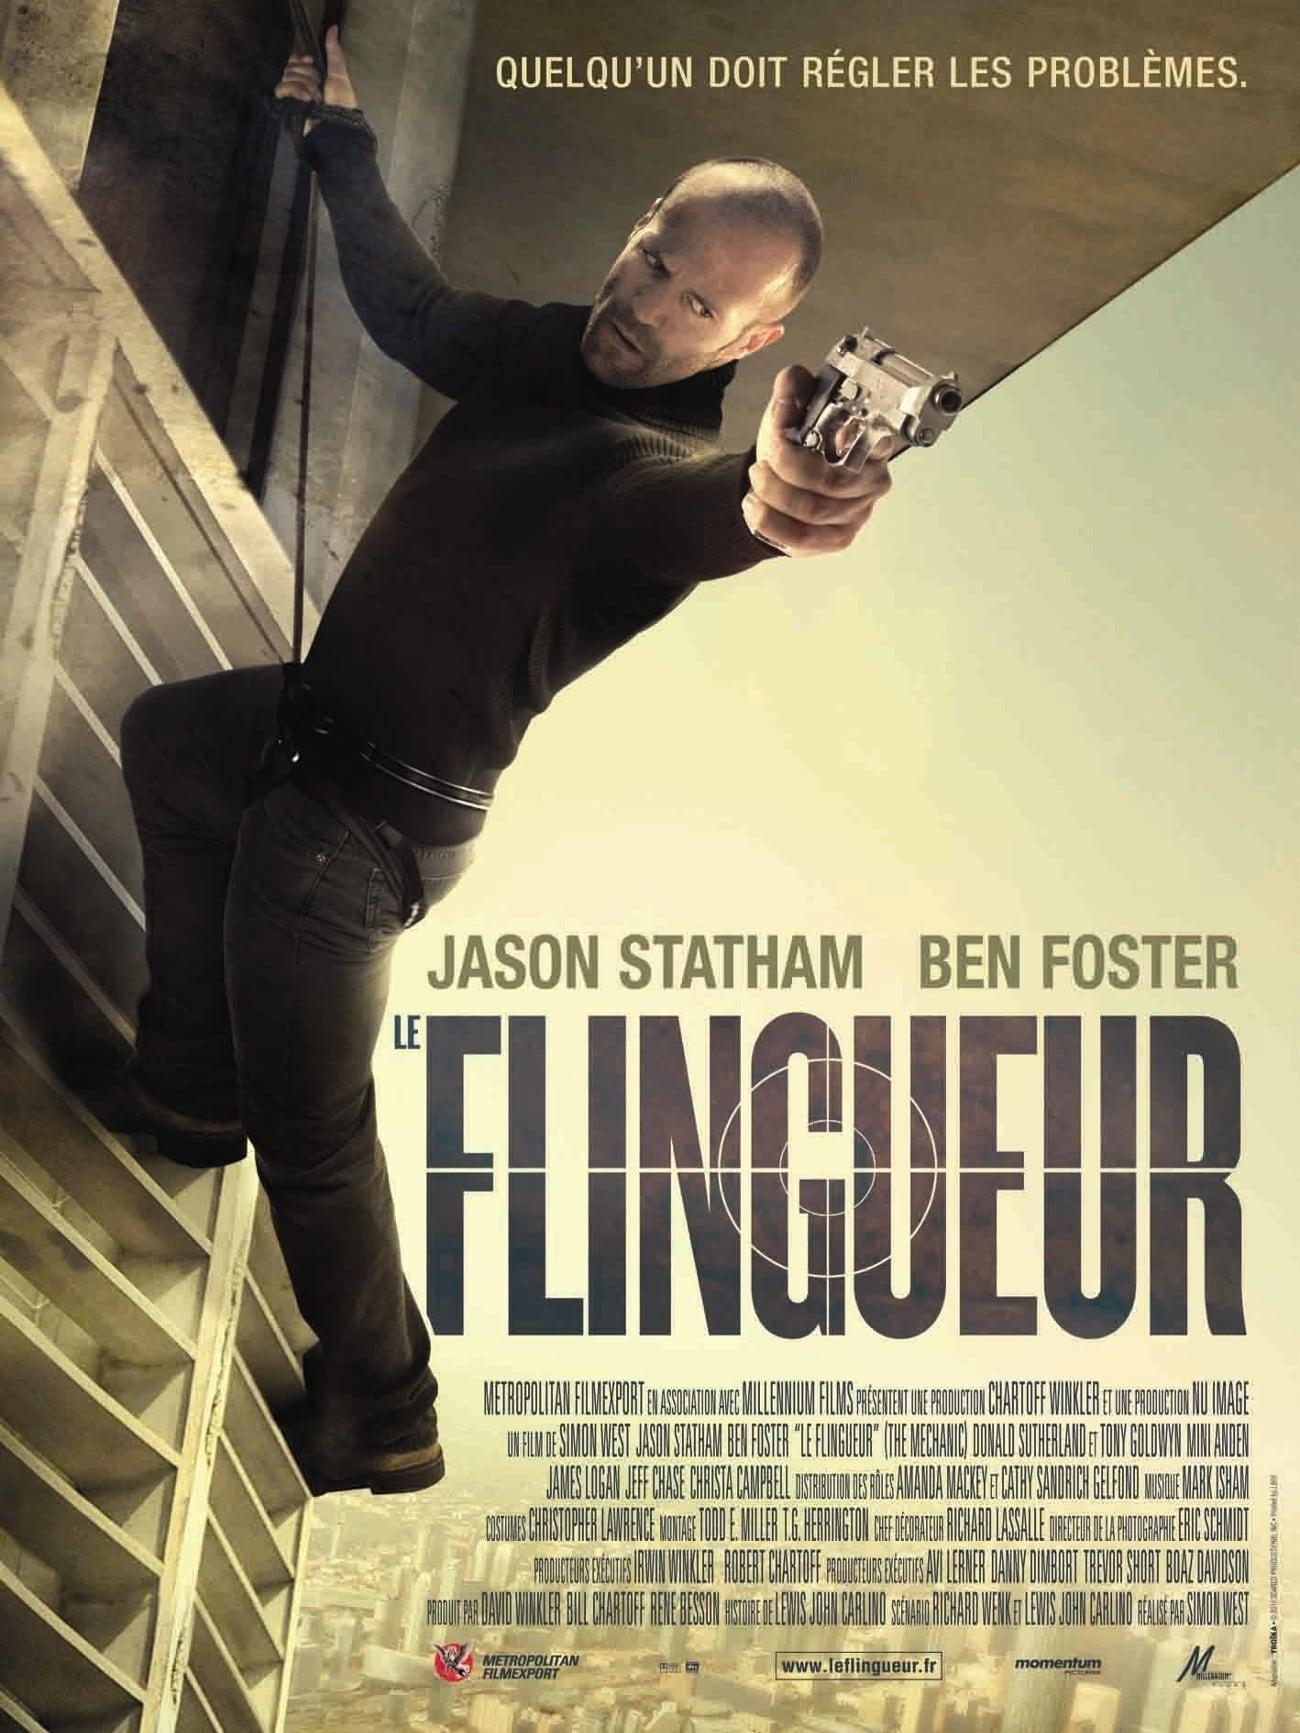 affiche du film Le flingueur (2011)